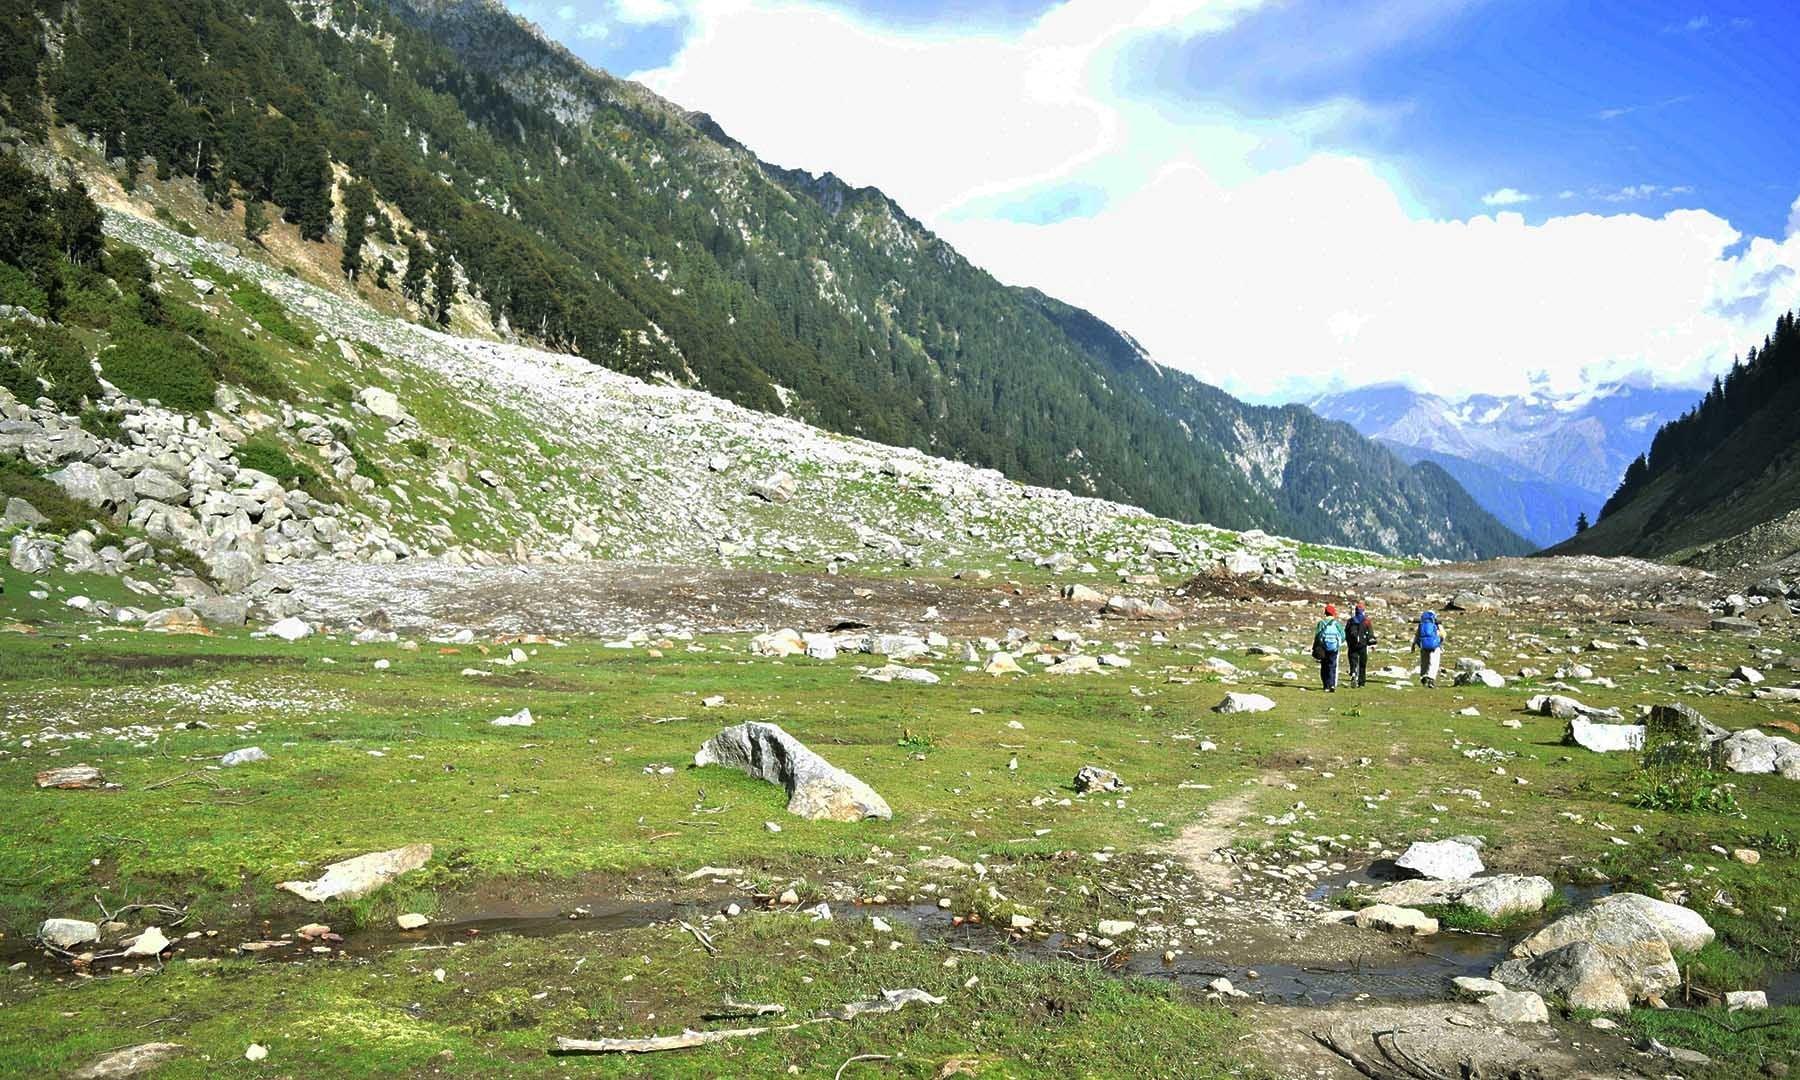 جبہ جھیل جو اب گلیشیئر کے نیچے سرکنے کی وجہ سے معدوم ہوچکی ہے — تصویر امجد علی سحاب